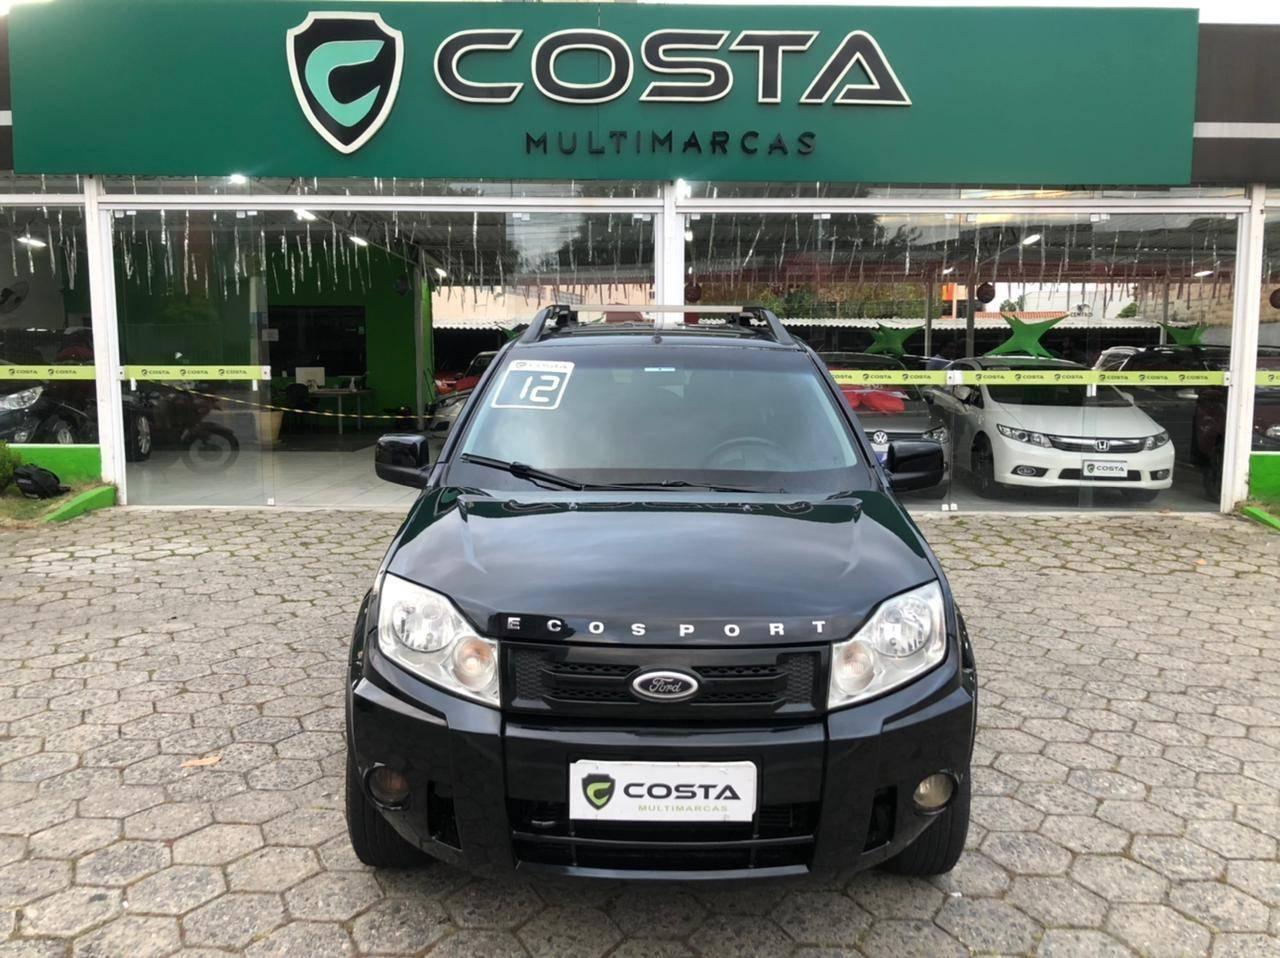 //www.autoline.com.br/carro/ford/ecosport-20-xls-16v-flex-4p-automatico/2012/jacarei-sp/14563108